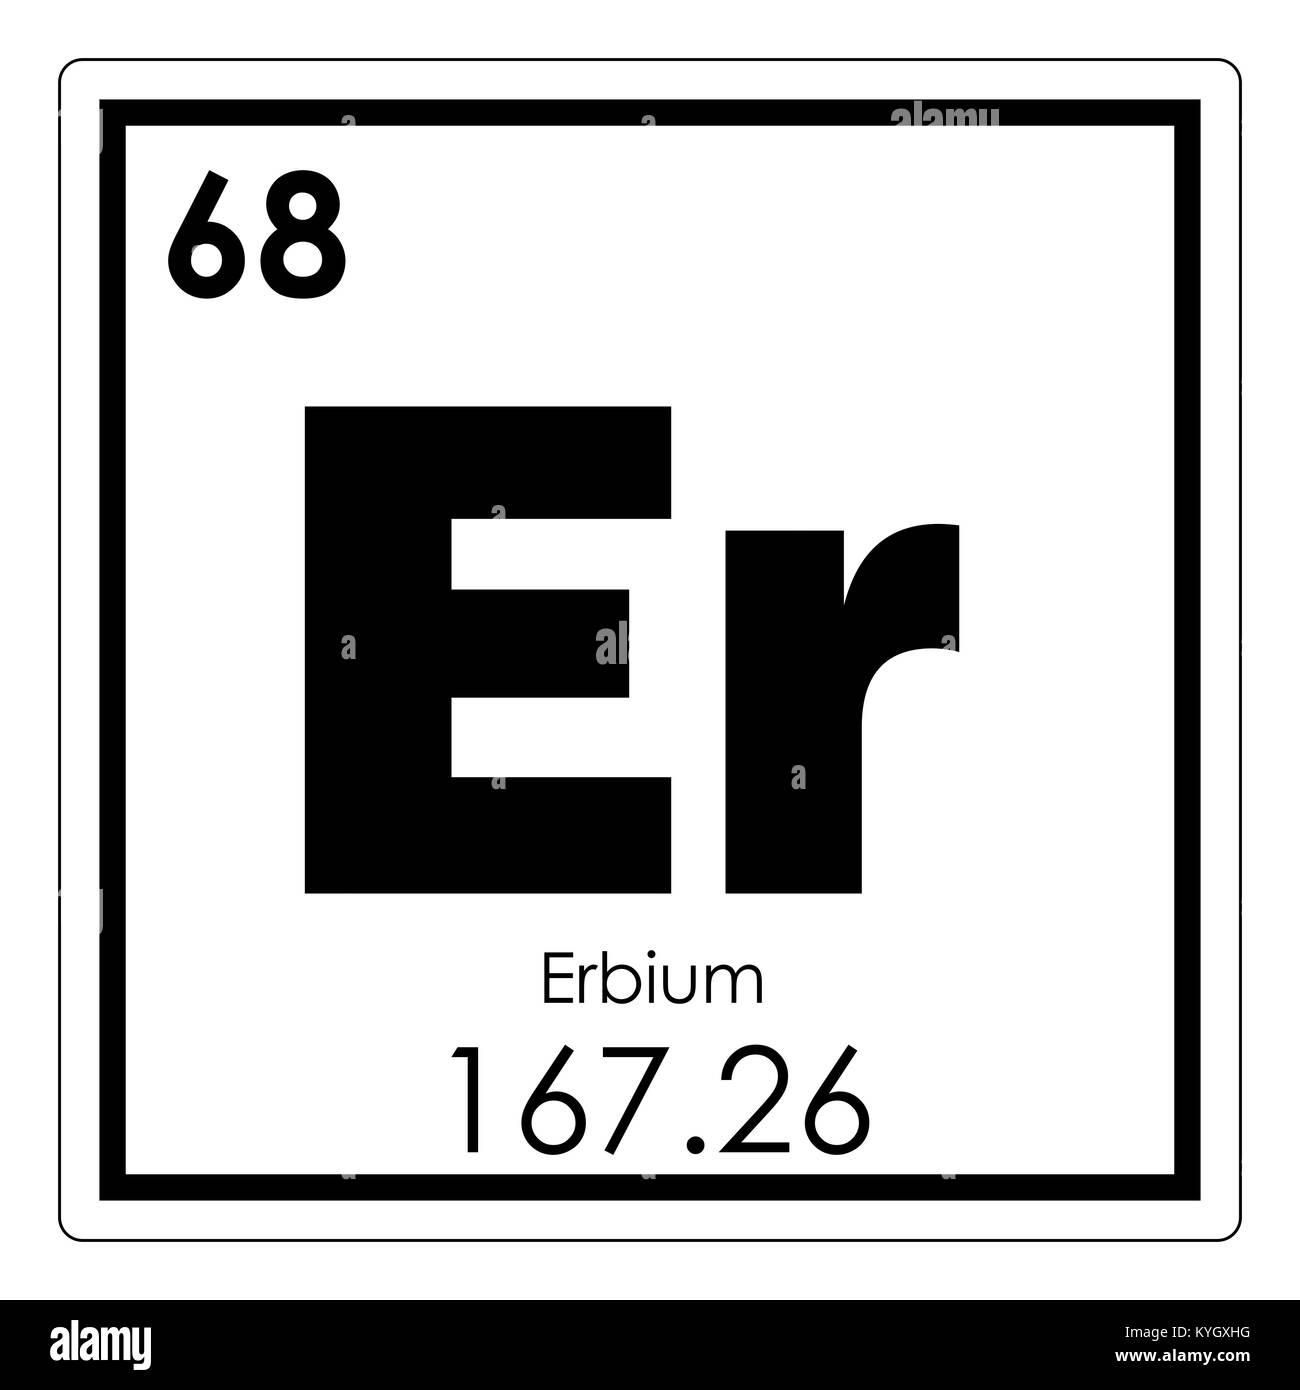 Erbium chemical element periodic table science symbol stock photo erbium chemical element periodic table science symbol urtaz Gallery